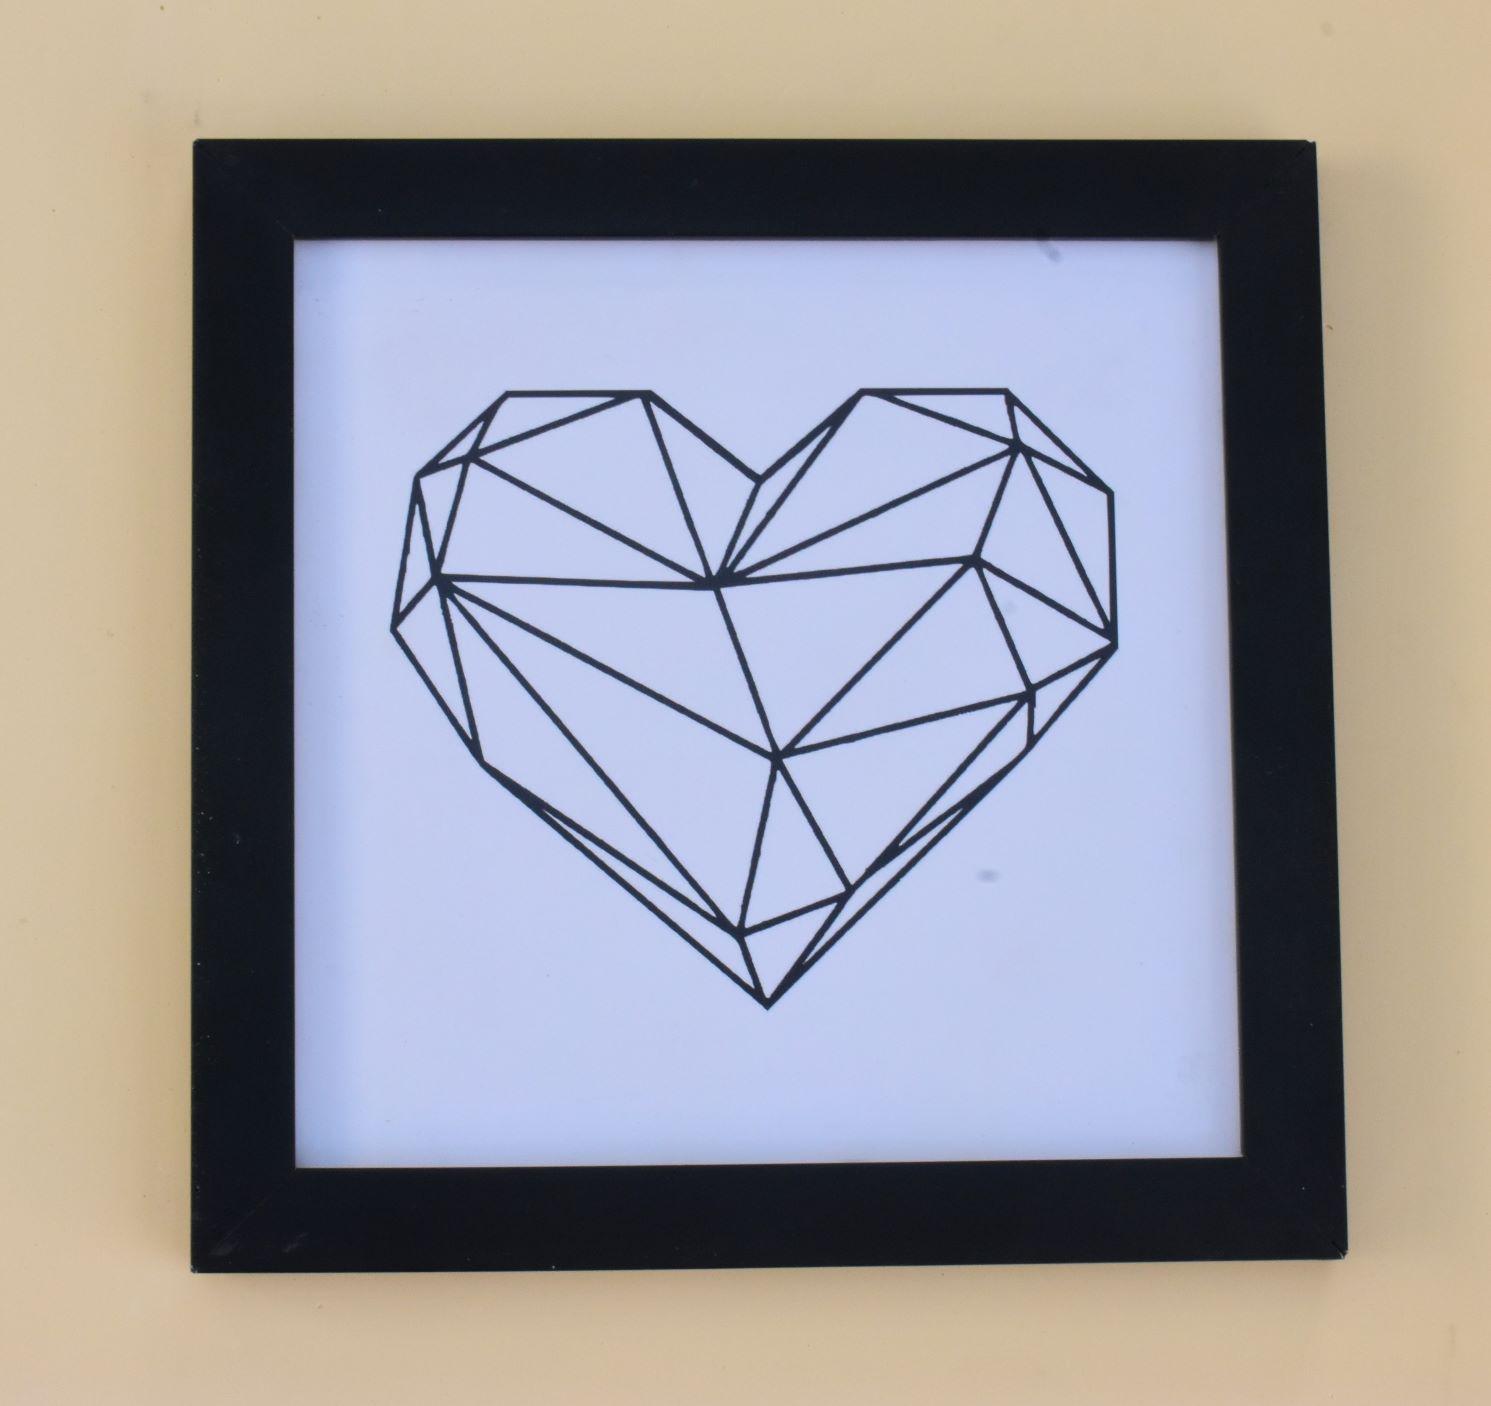 Quadro decorativo Heart Branco moldura preta 23 x 23